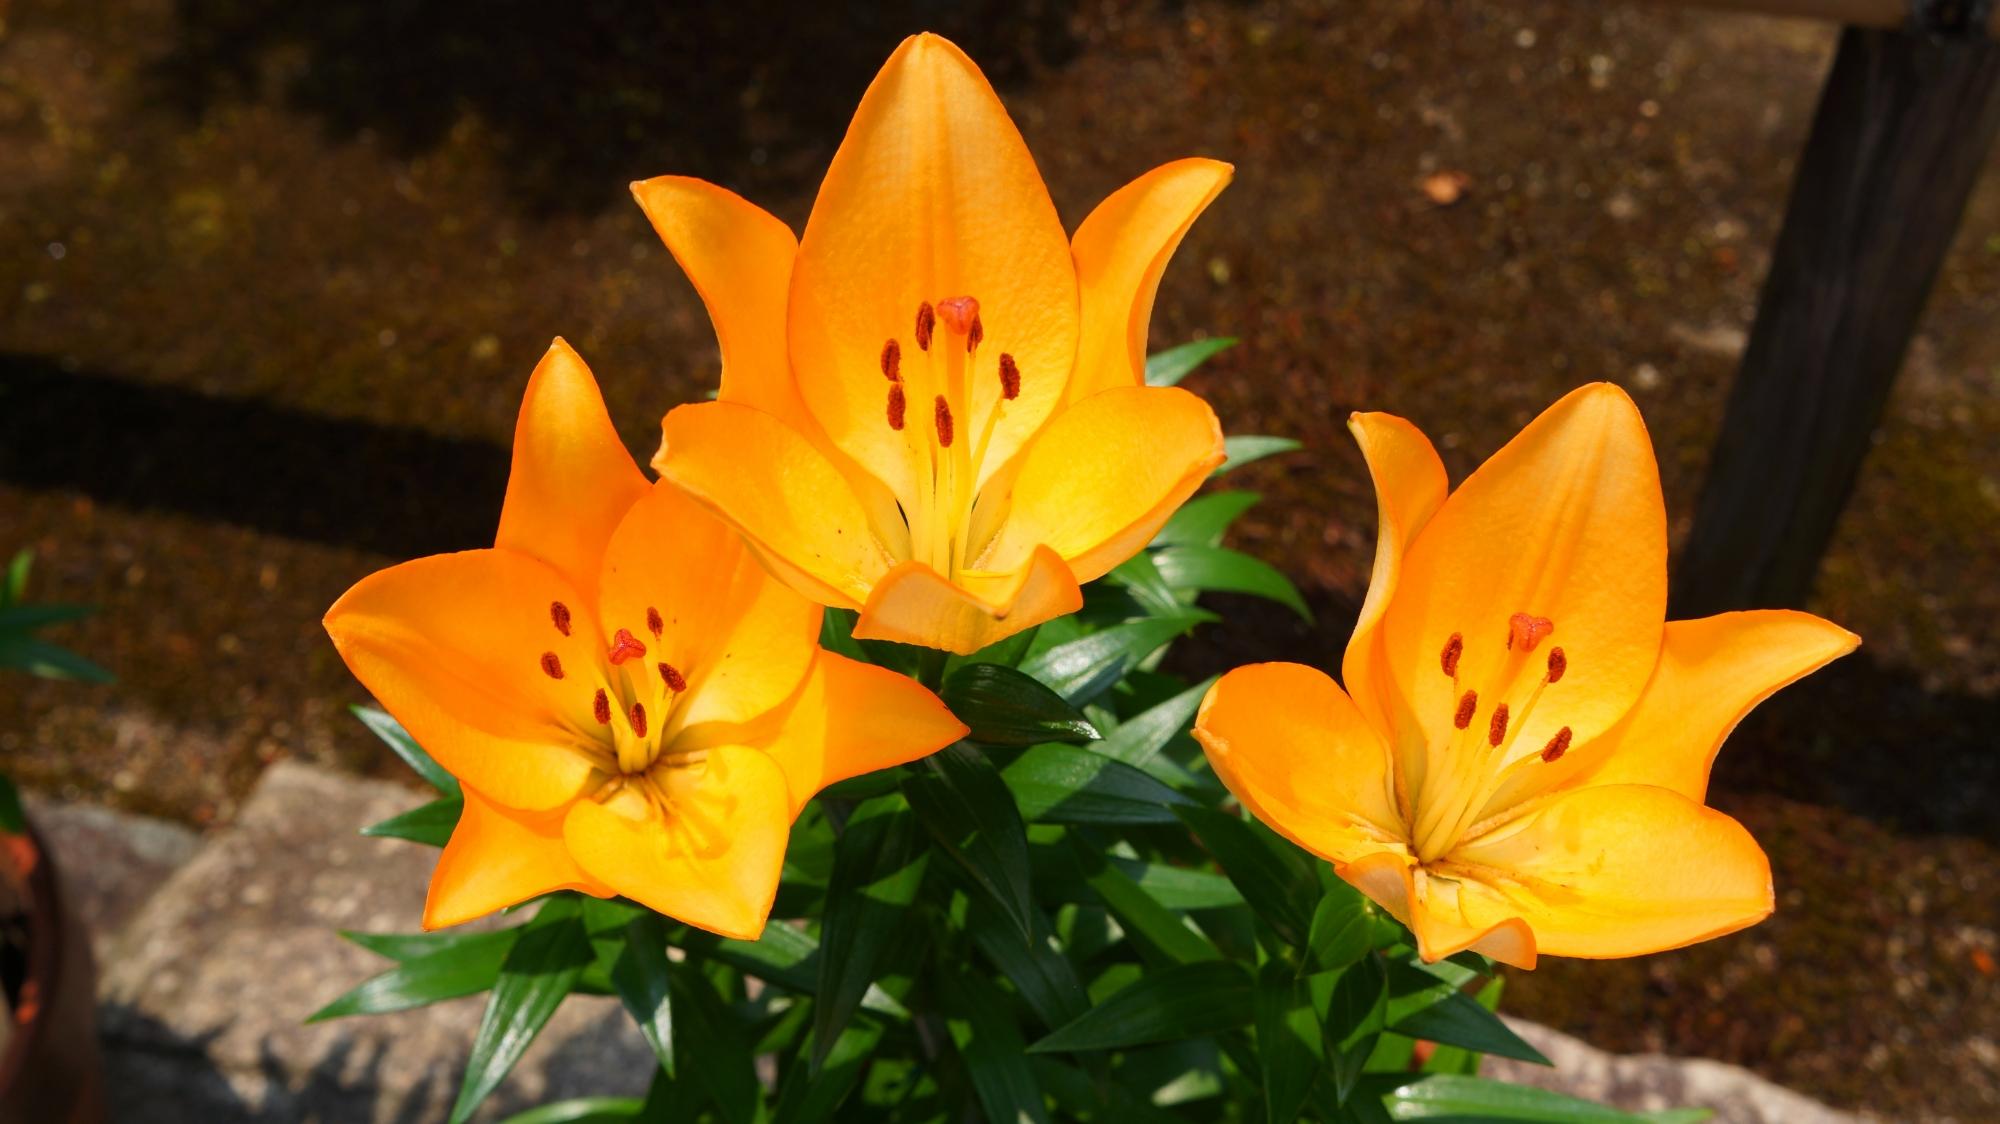 法金剛院の幻想的で妖艶なオレンジ色の百合の花